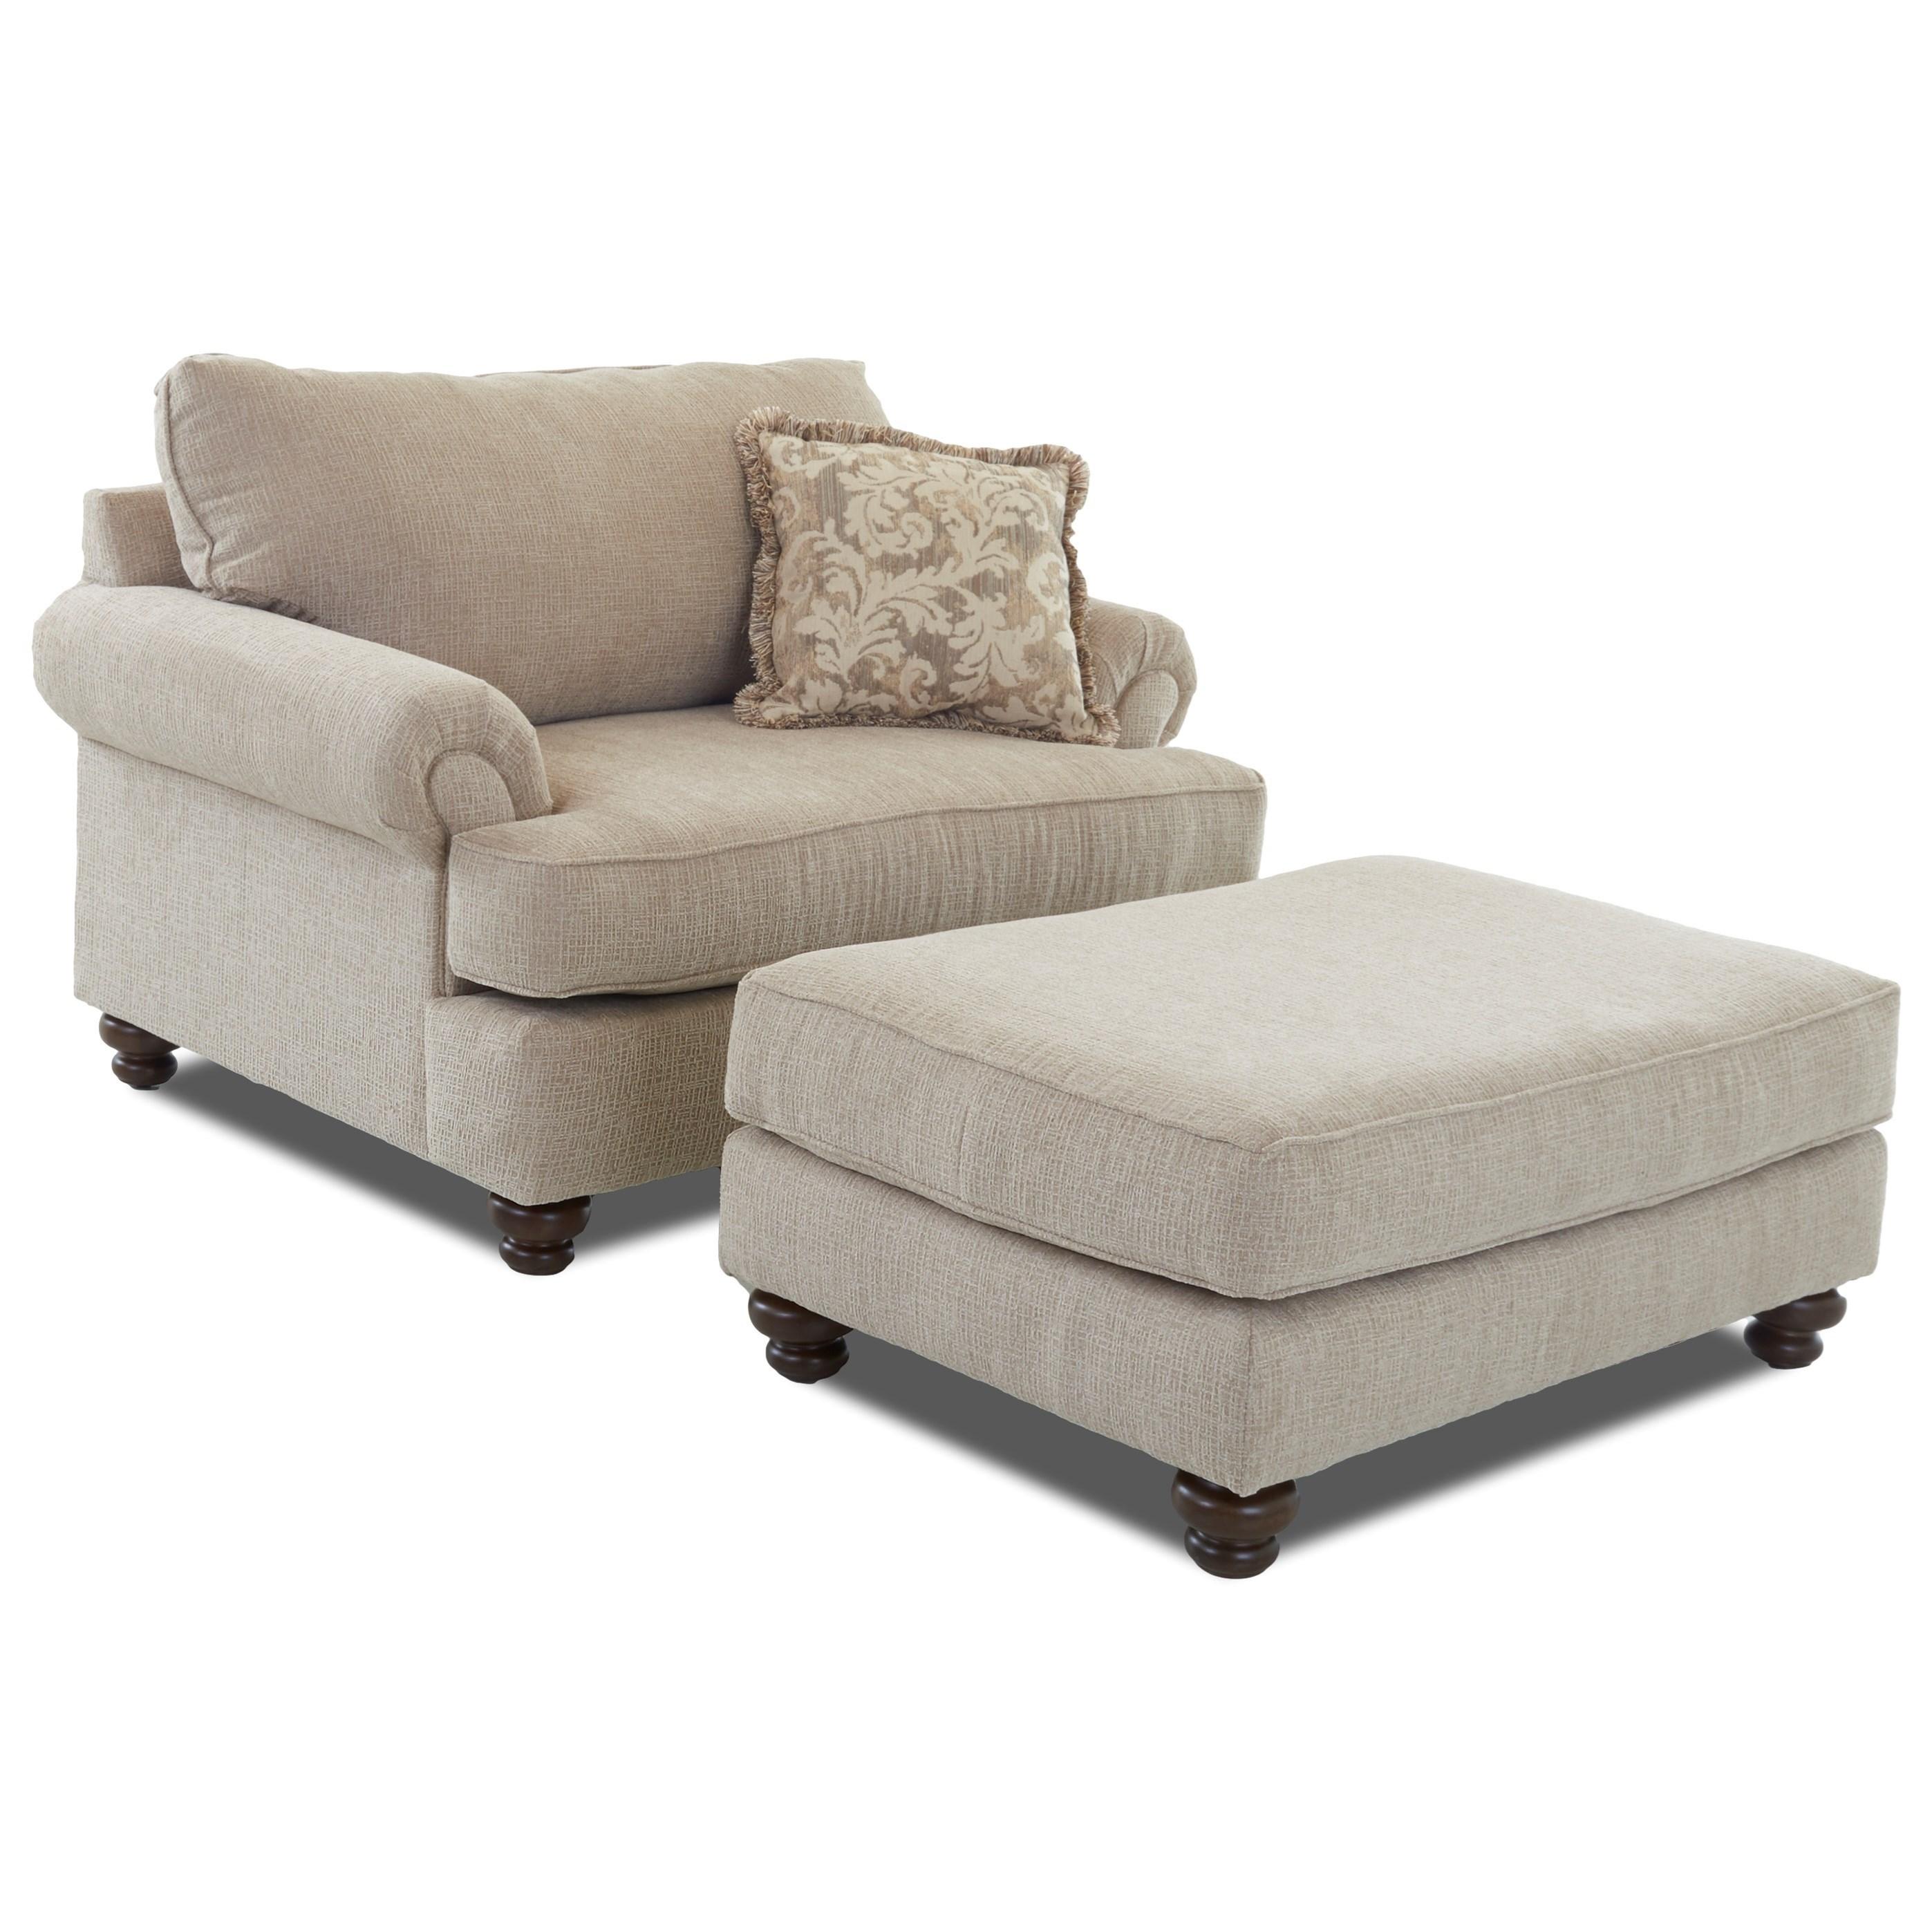 Big Chair & Ottoman Set